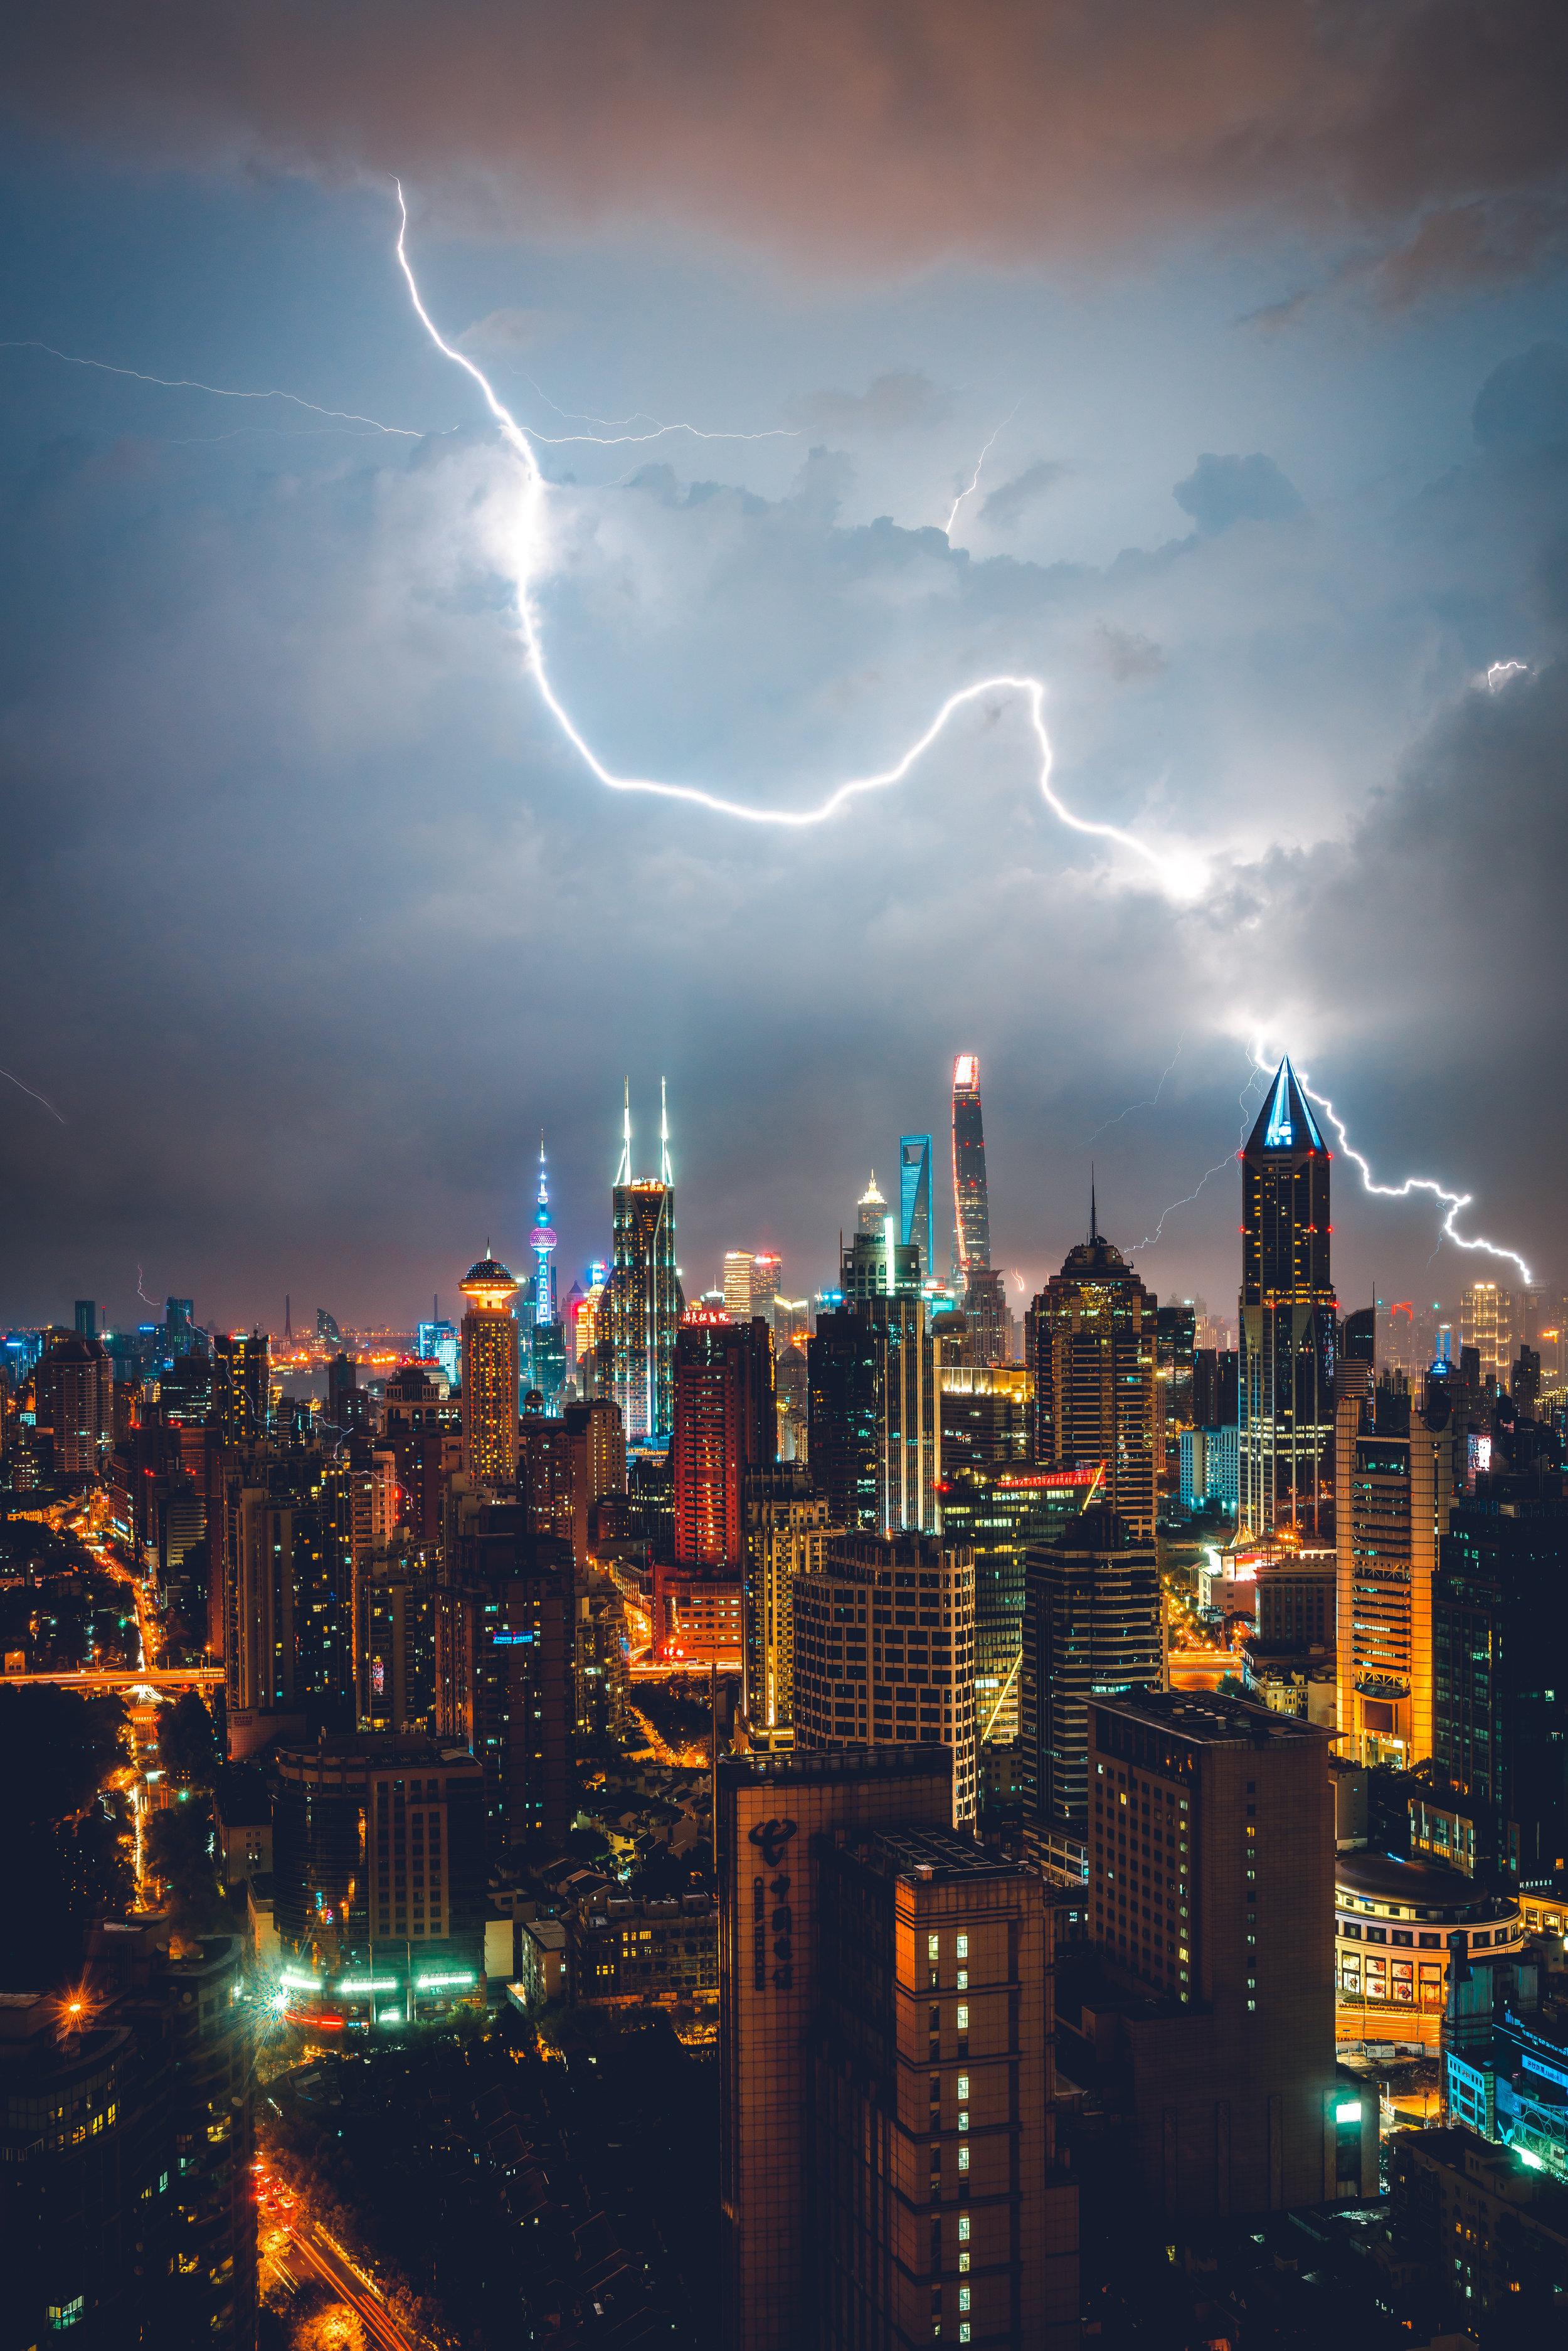 lighting-in-shanghai-reedit.jpg